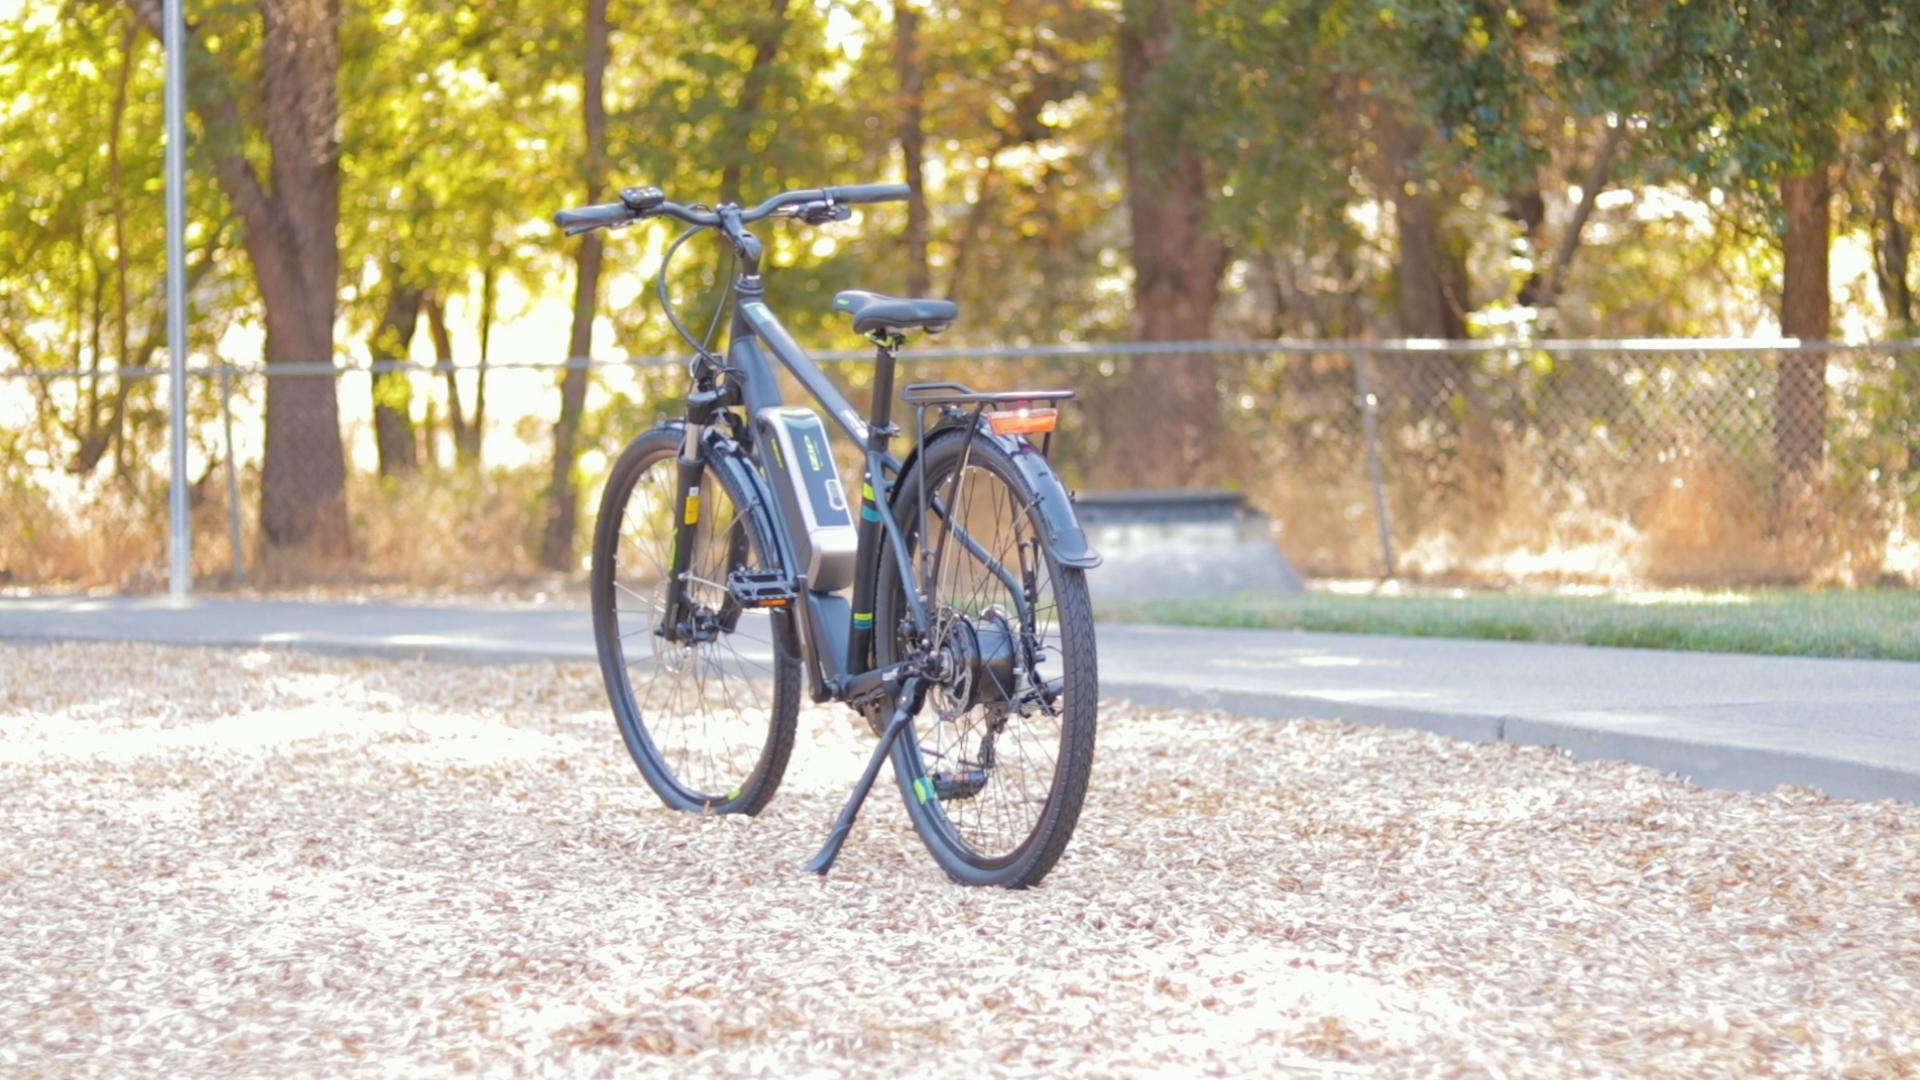 electrified-reviews-izip-e3-brio-electric-bike-review-profile-rear.jpg